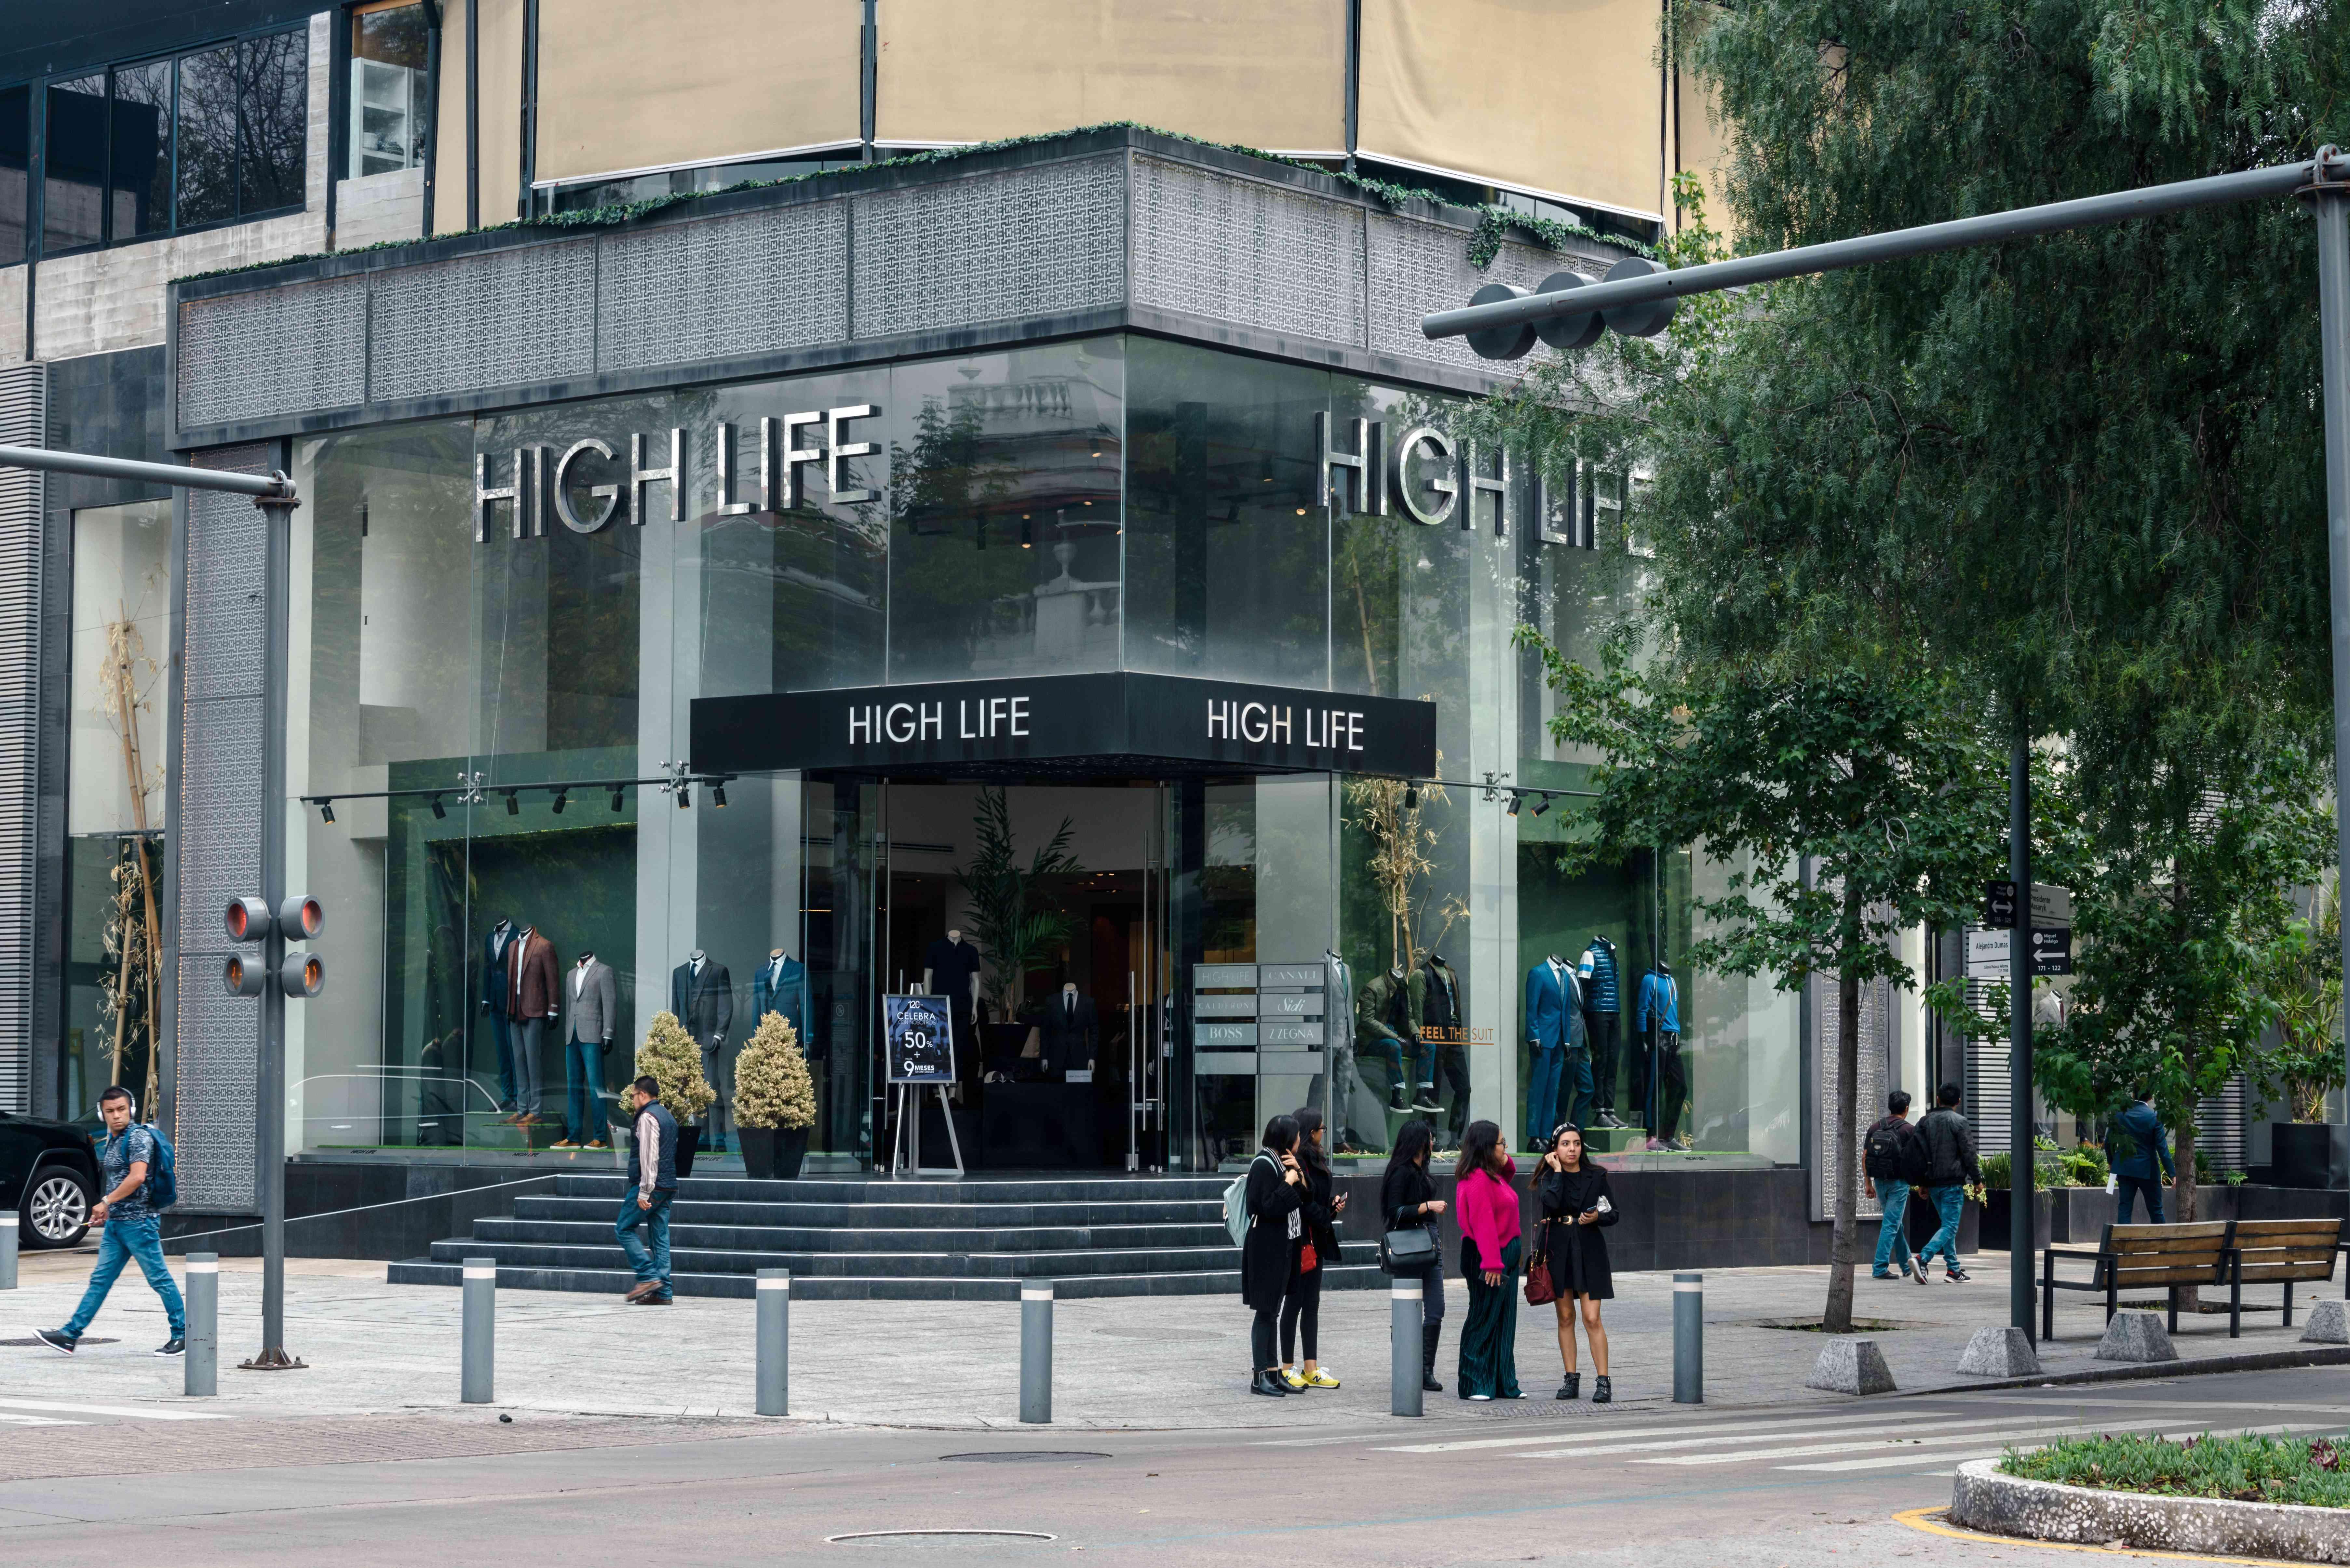 High Life Shopping center on in Polanco